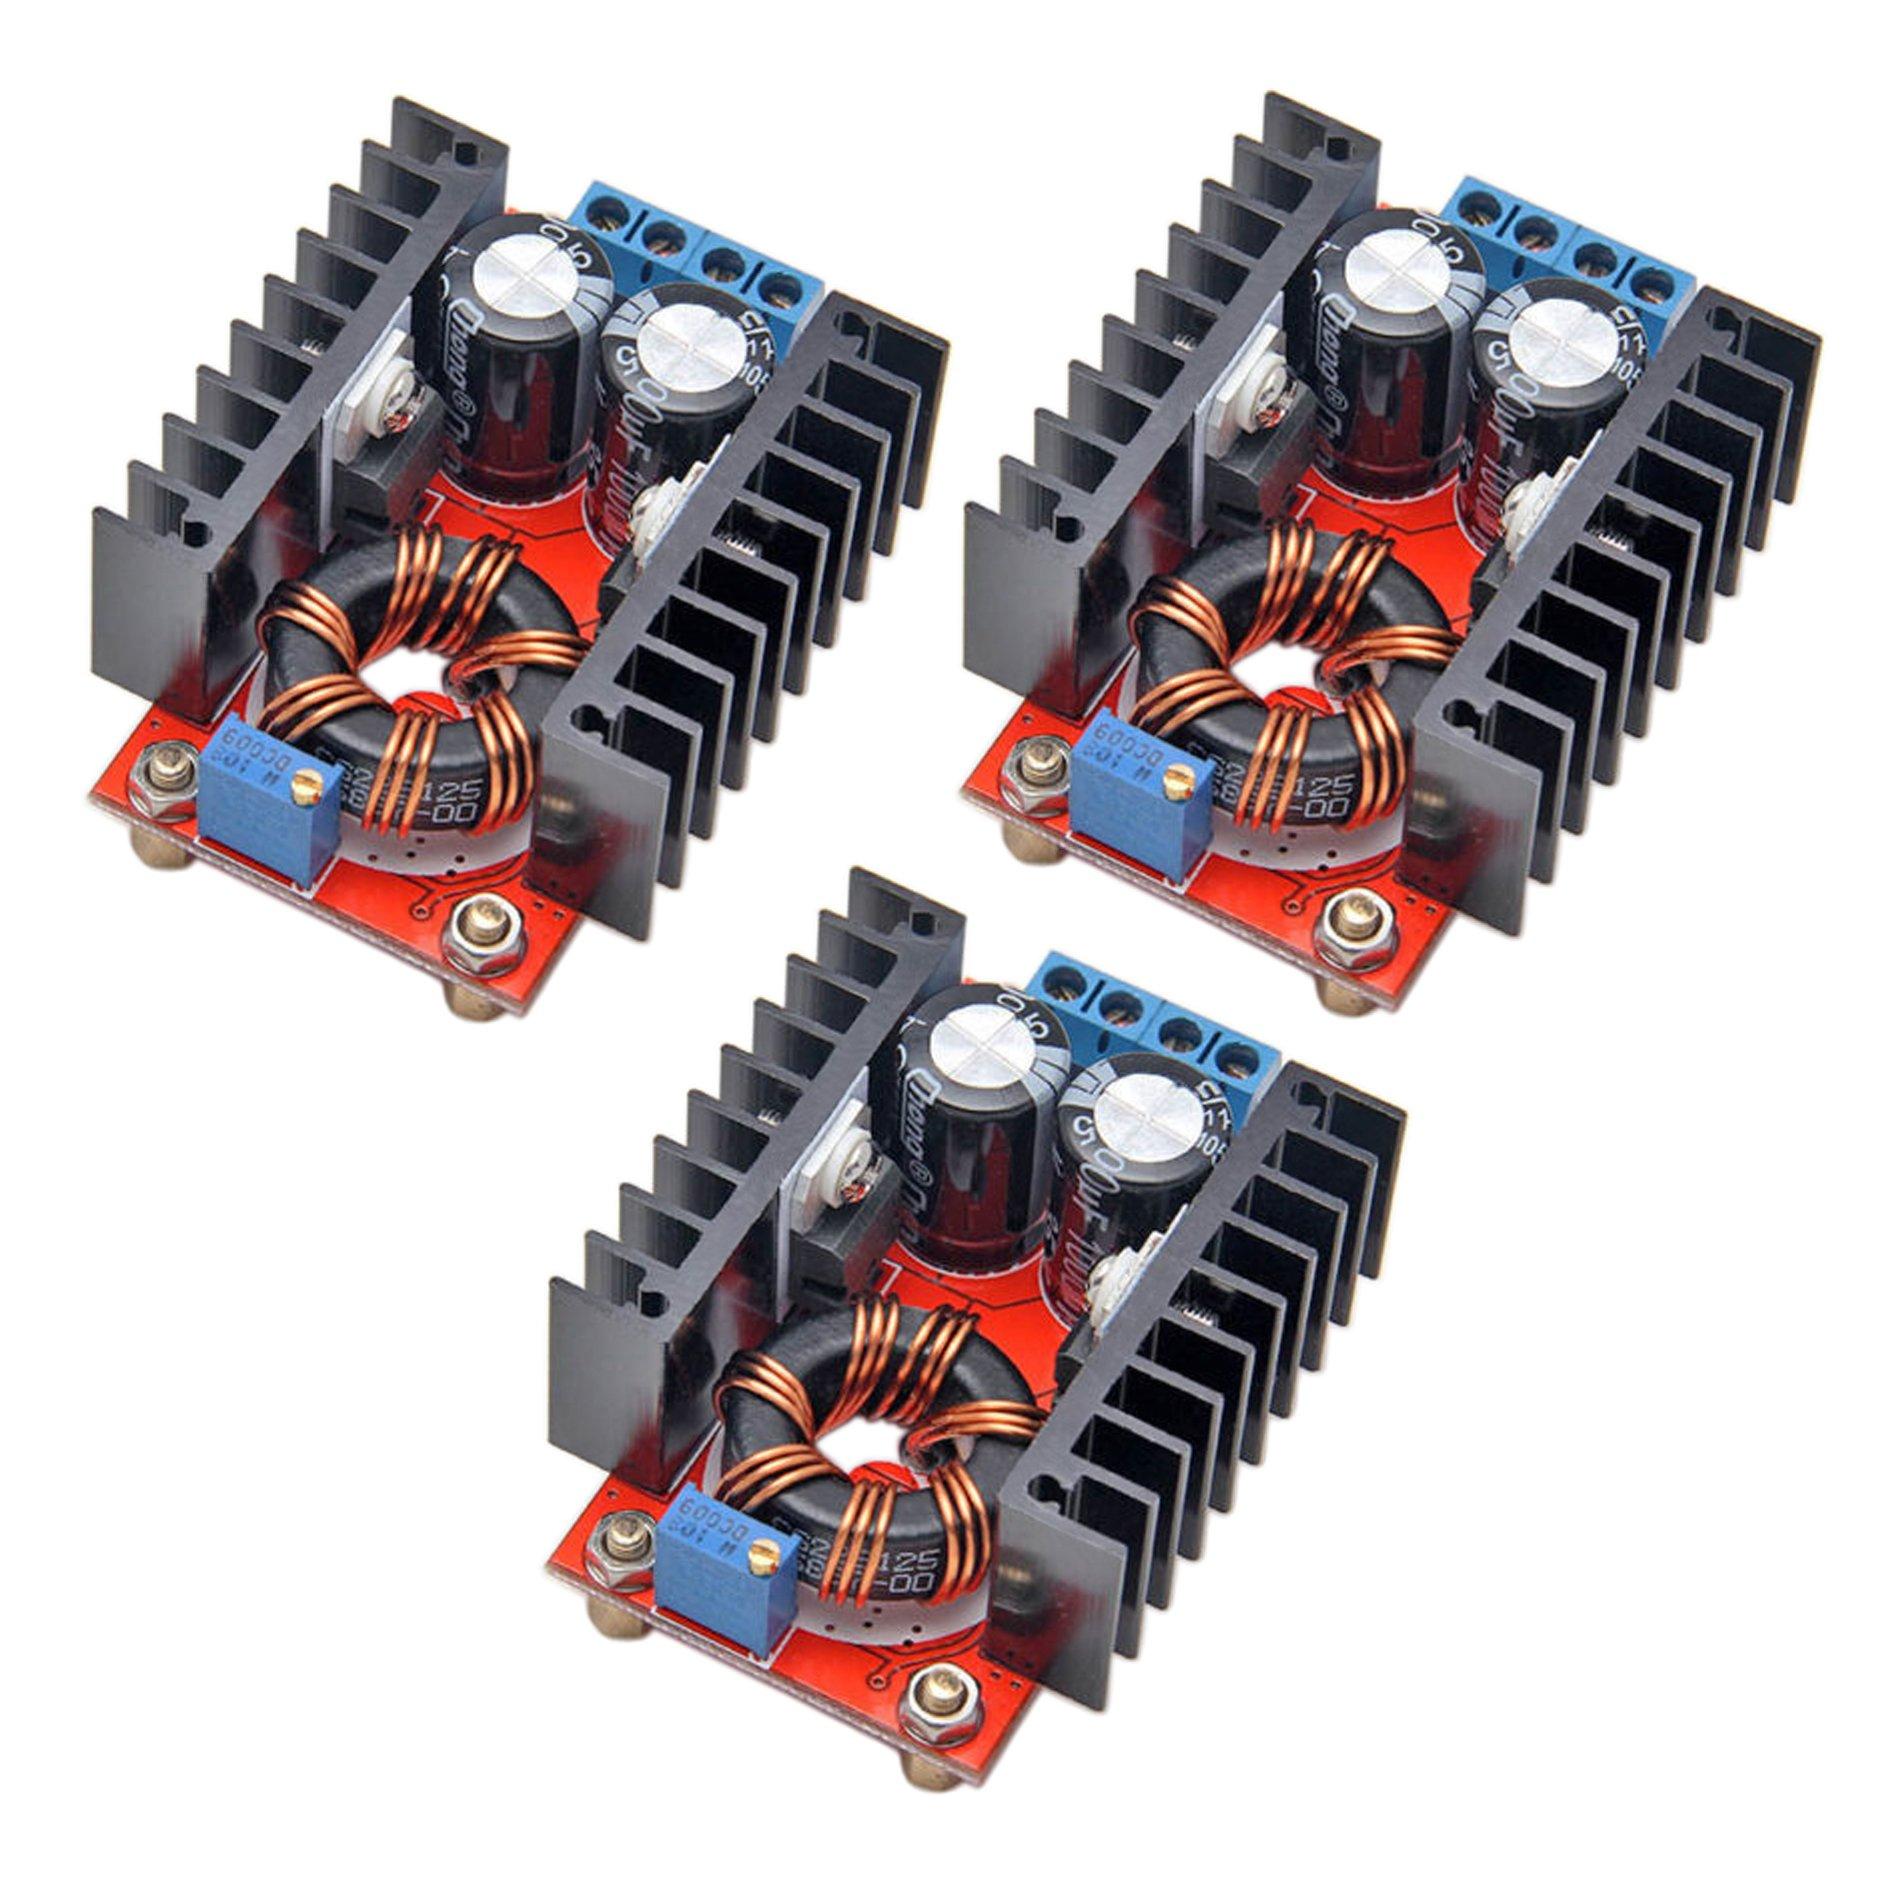 Onyehn 3 Pcs 150W DC-DC 10-32V to 12-35V Step Up Boost Converter Module Adjustable Power Voltage 3 Pack